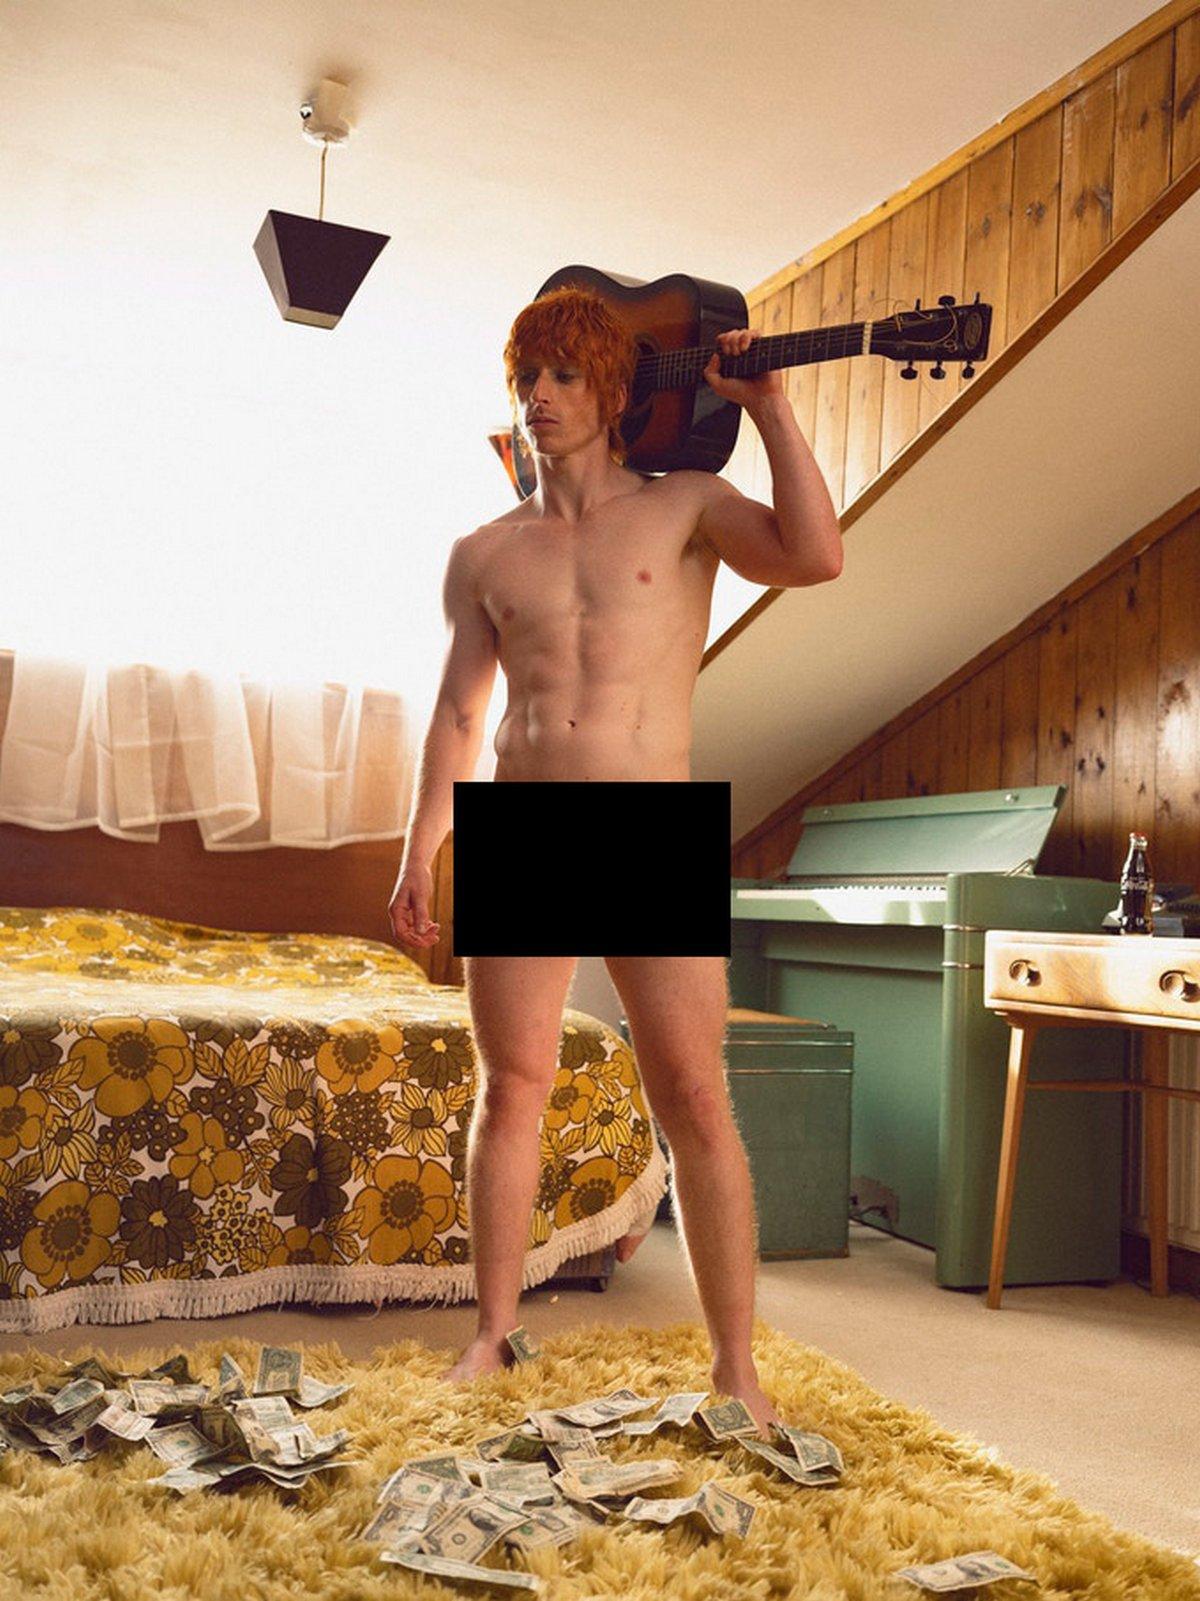 Des hommes roux recherchés pour poser nus pour le calendrier Red Hot 2022